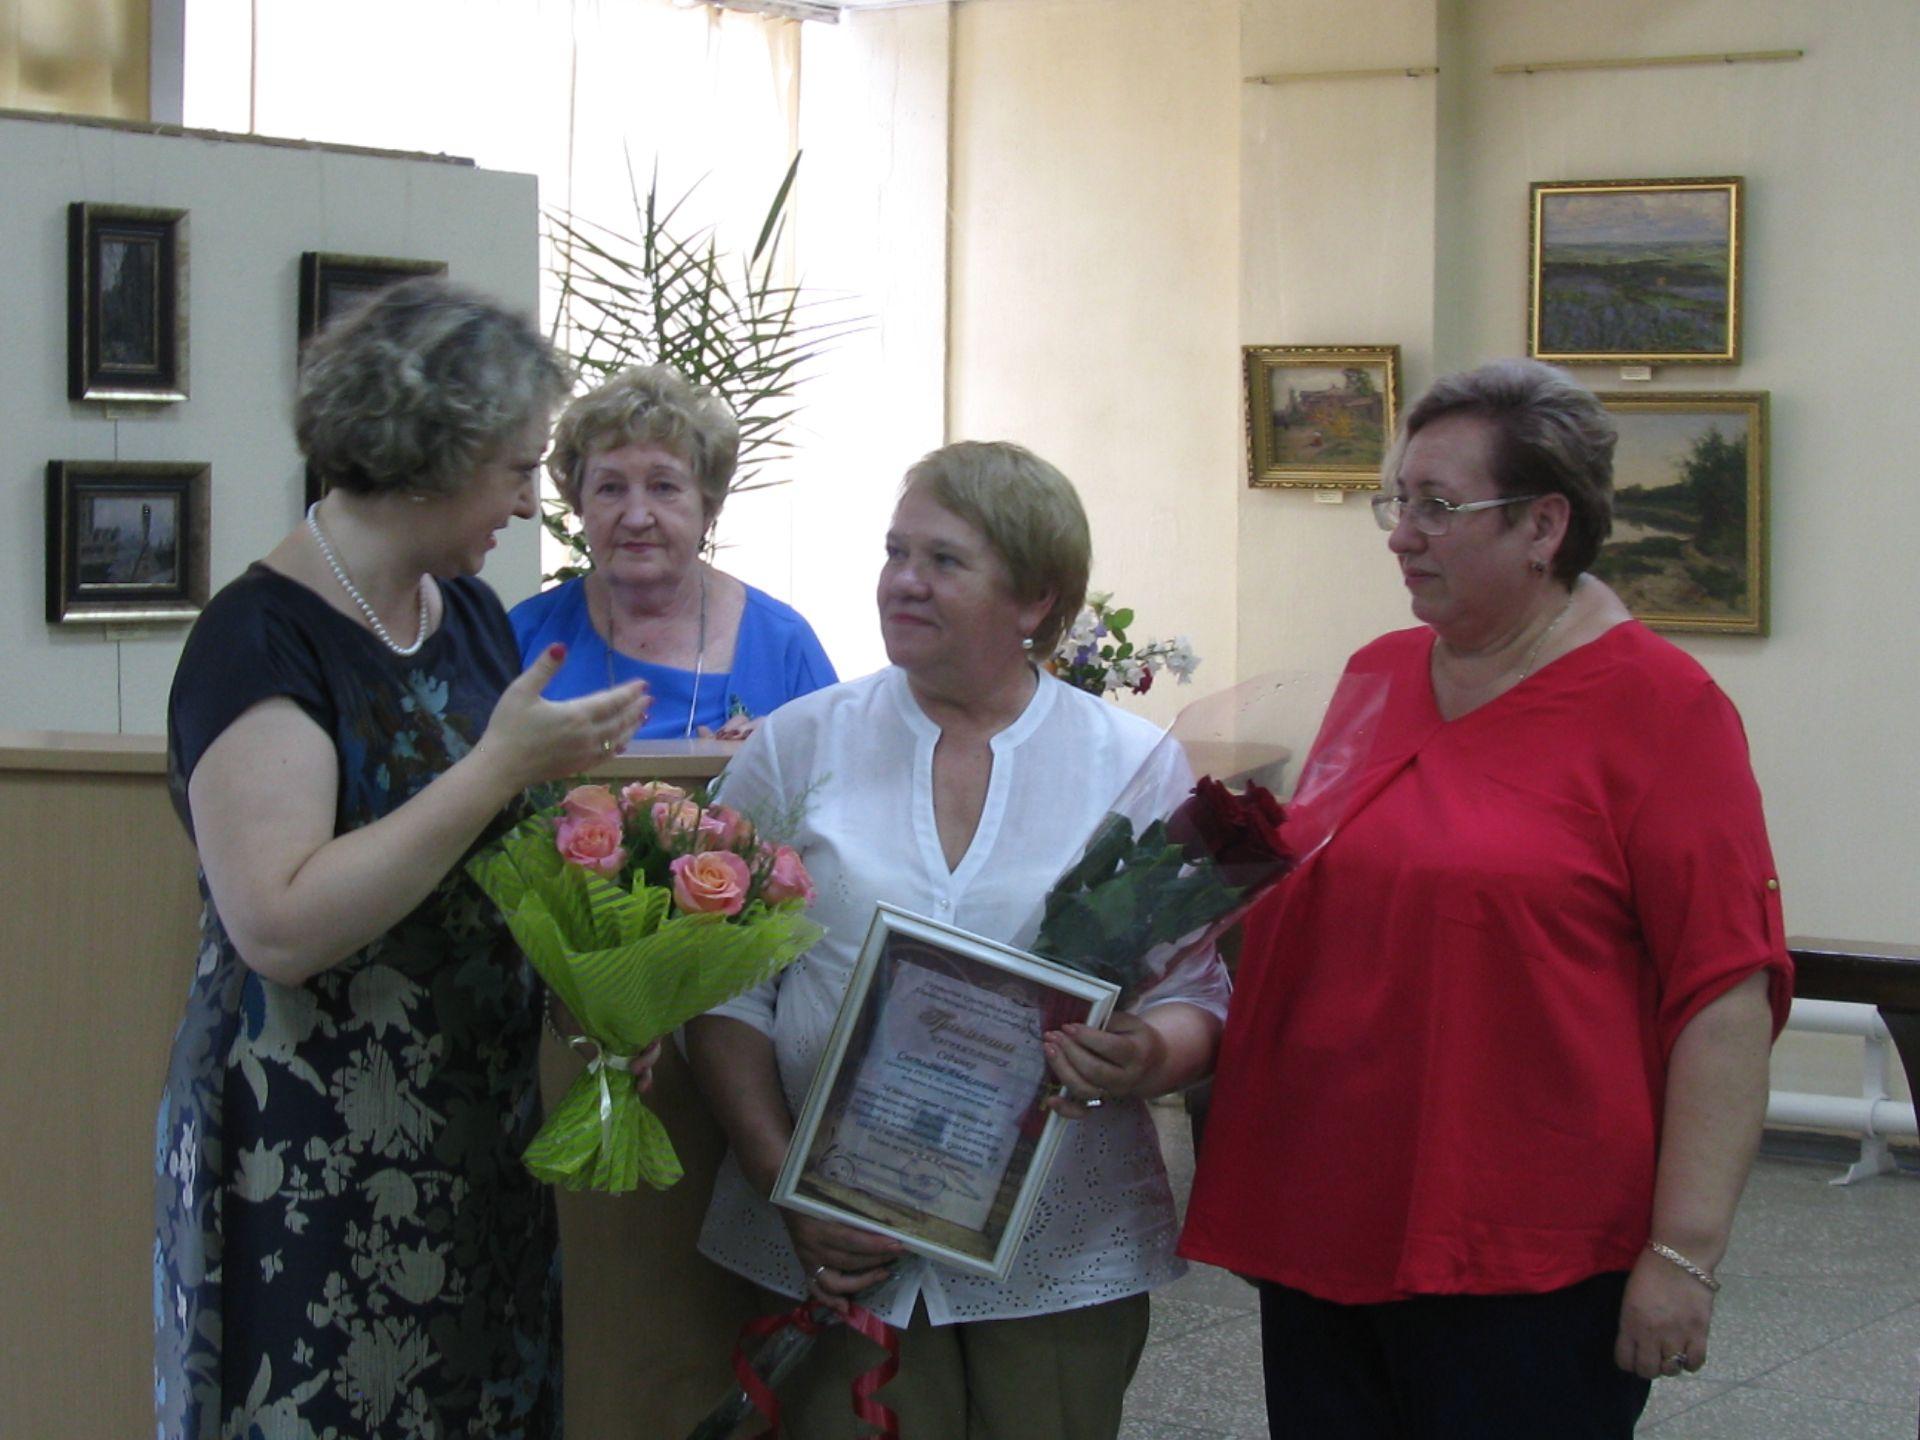 Юбилей мемориального дома-музея художника И.И. Крылова отметили в Новочеркасске